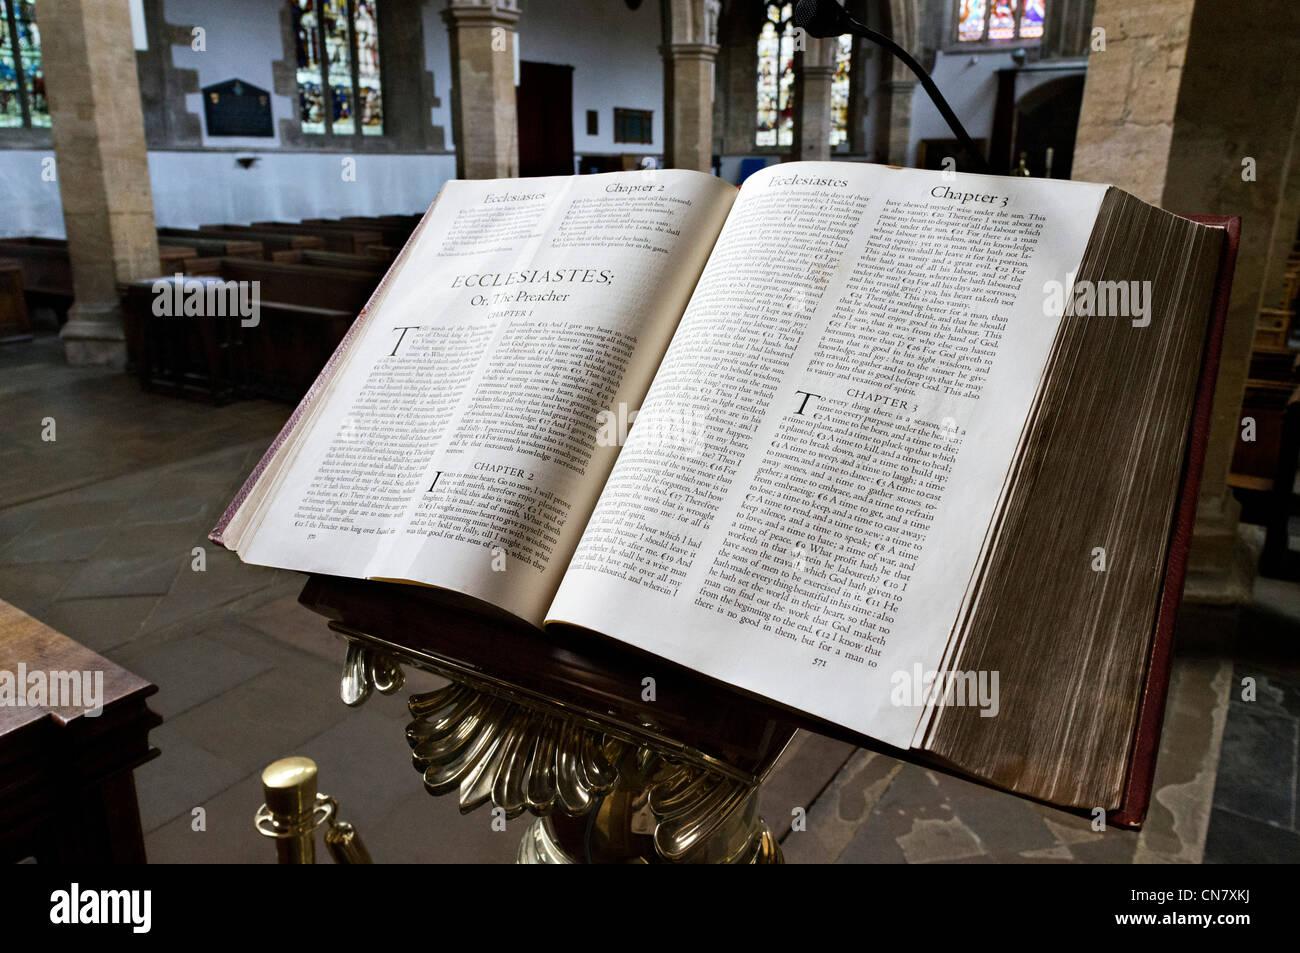 La Santa Biblia abierta en el libro del Eclesiastés, la Iglesia de la Santa Trinidad, Stratford-upon-Avon, Imagen De Stock